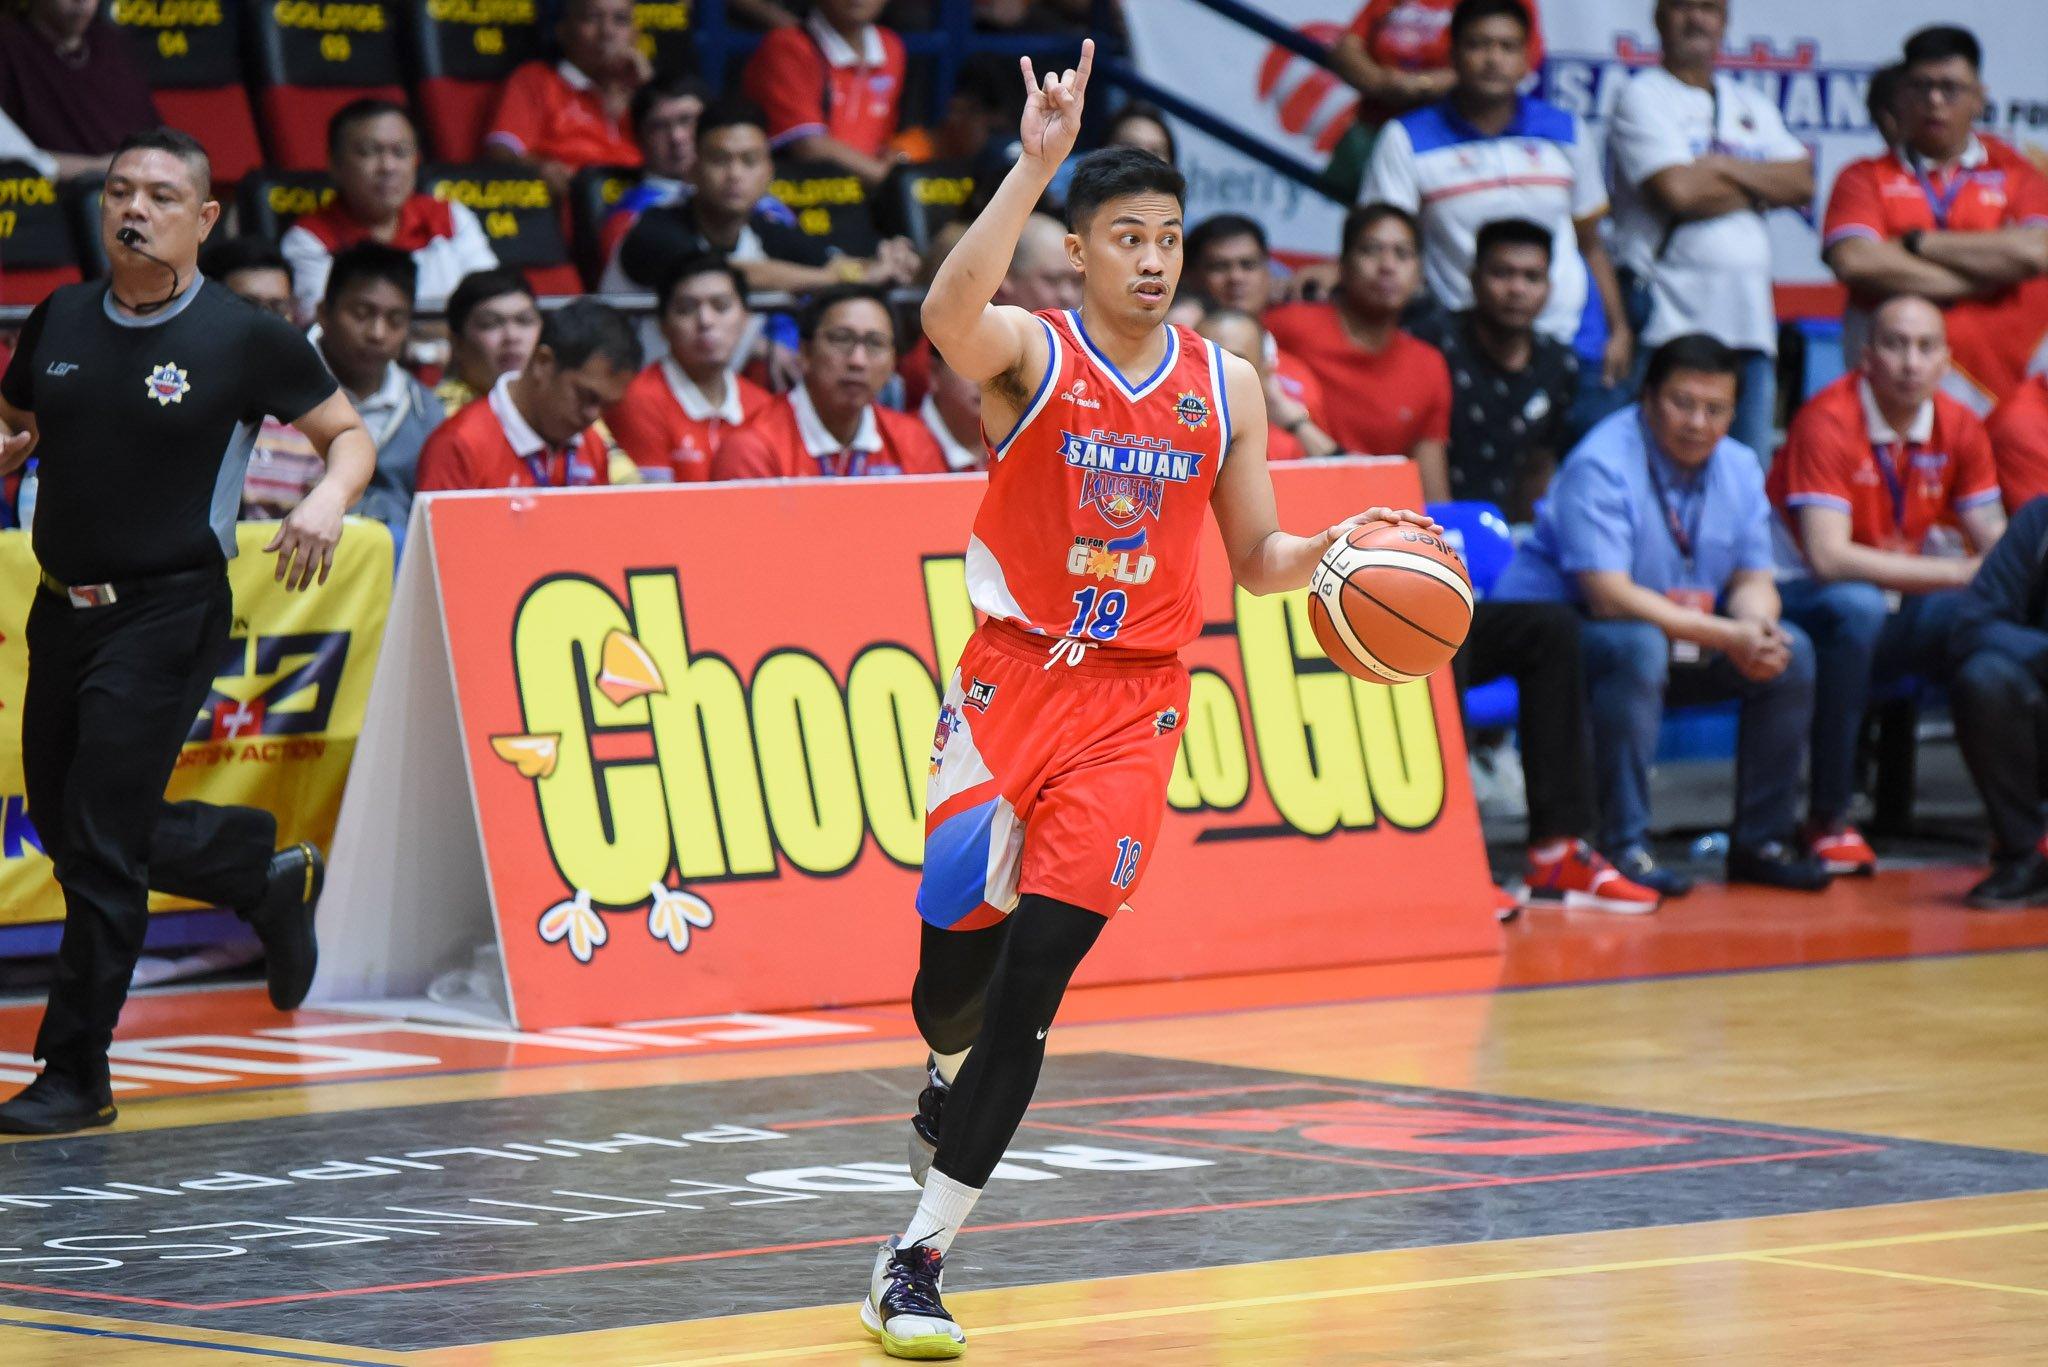 Tiebreaker Times Ayonayon sees no advantage between San Juan-Makati when MPBL playoffs resume Basketball MPBL News  Mike Ayonayon Go for Gold-San Juan Knights 2019-20 MPBL Lakan Cup